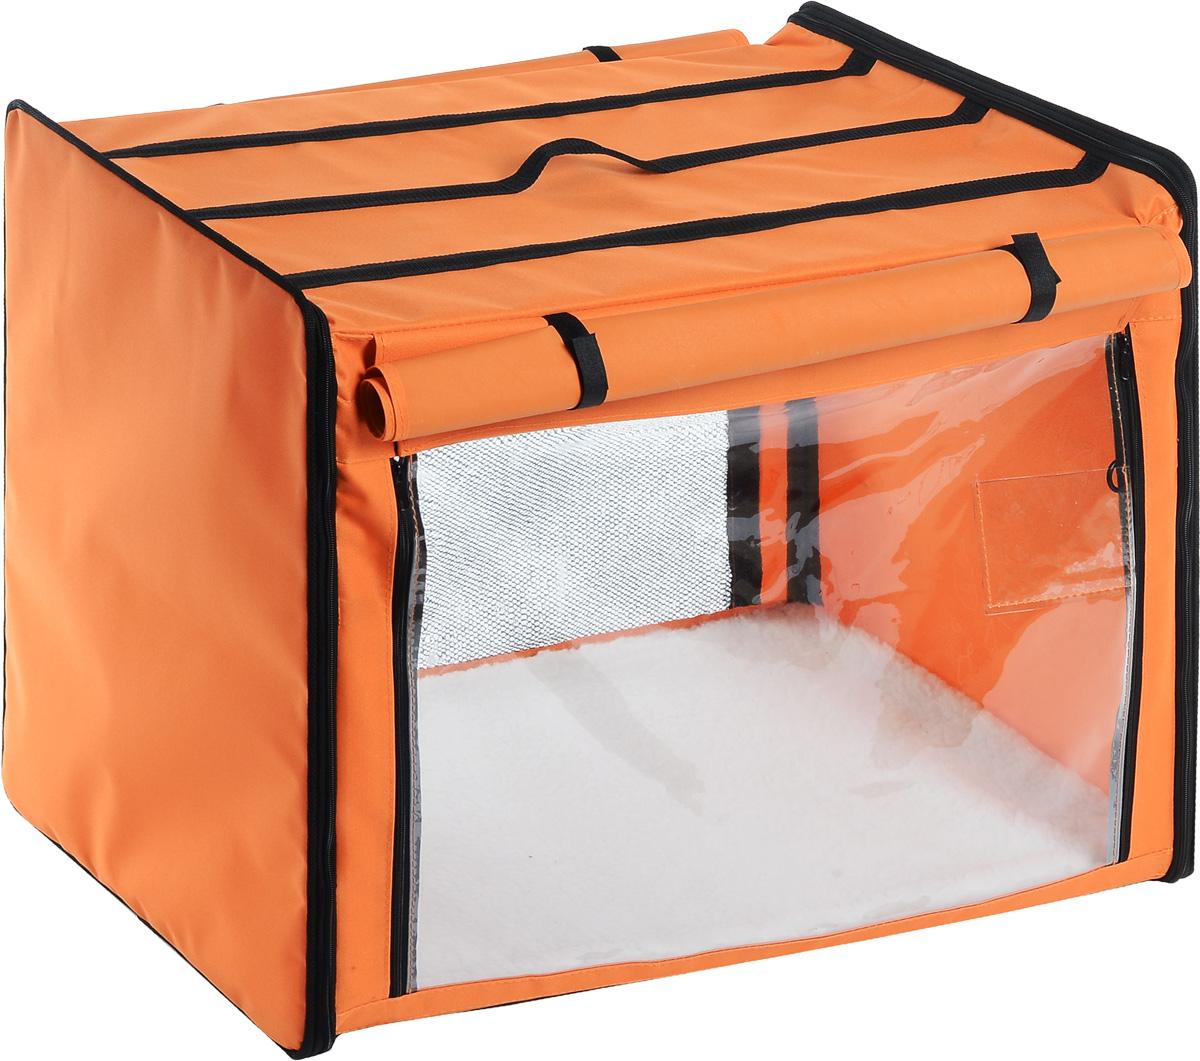 Клетка выставочная Elite Valley, цвет: оранжевый, черный, 75 х 52 х 62 см. К-1К-1_оранжевыйКлетка Elite Valley предназначена для показа кошек и собак на выставках. Она выполнена из плотного текстиля, каркас - металлический. Клетка оснащена съемными пленкой и сеткой. Внутри имеется мягкая подстилка, выполненная из искусственного меха. Прозрачную пленку можно прикрыть шторкой. Сверху расположена ручка для переноски. В комплекте сумка-чехол для удобной транспортировки.